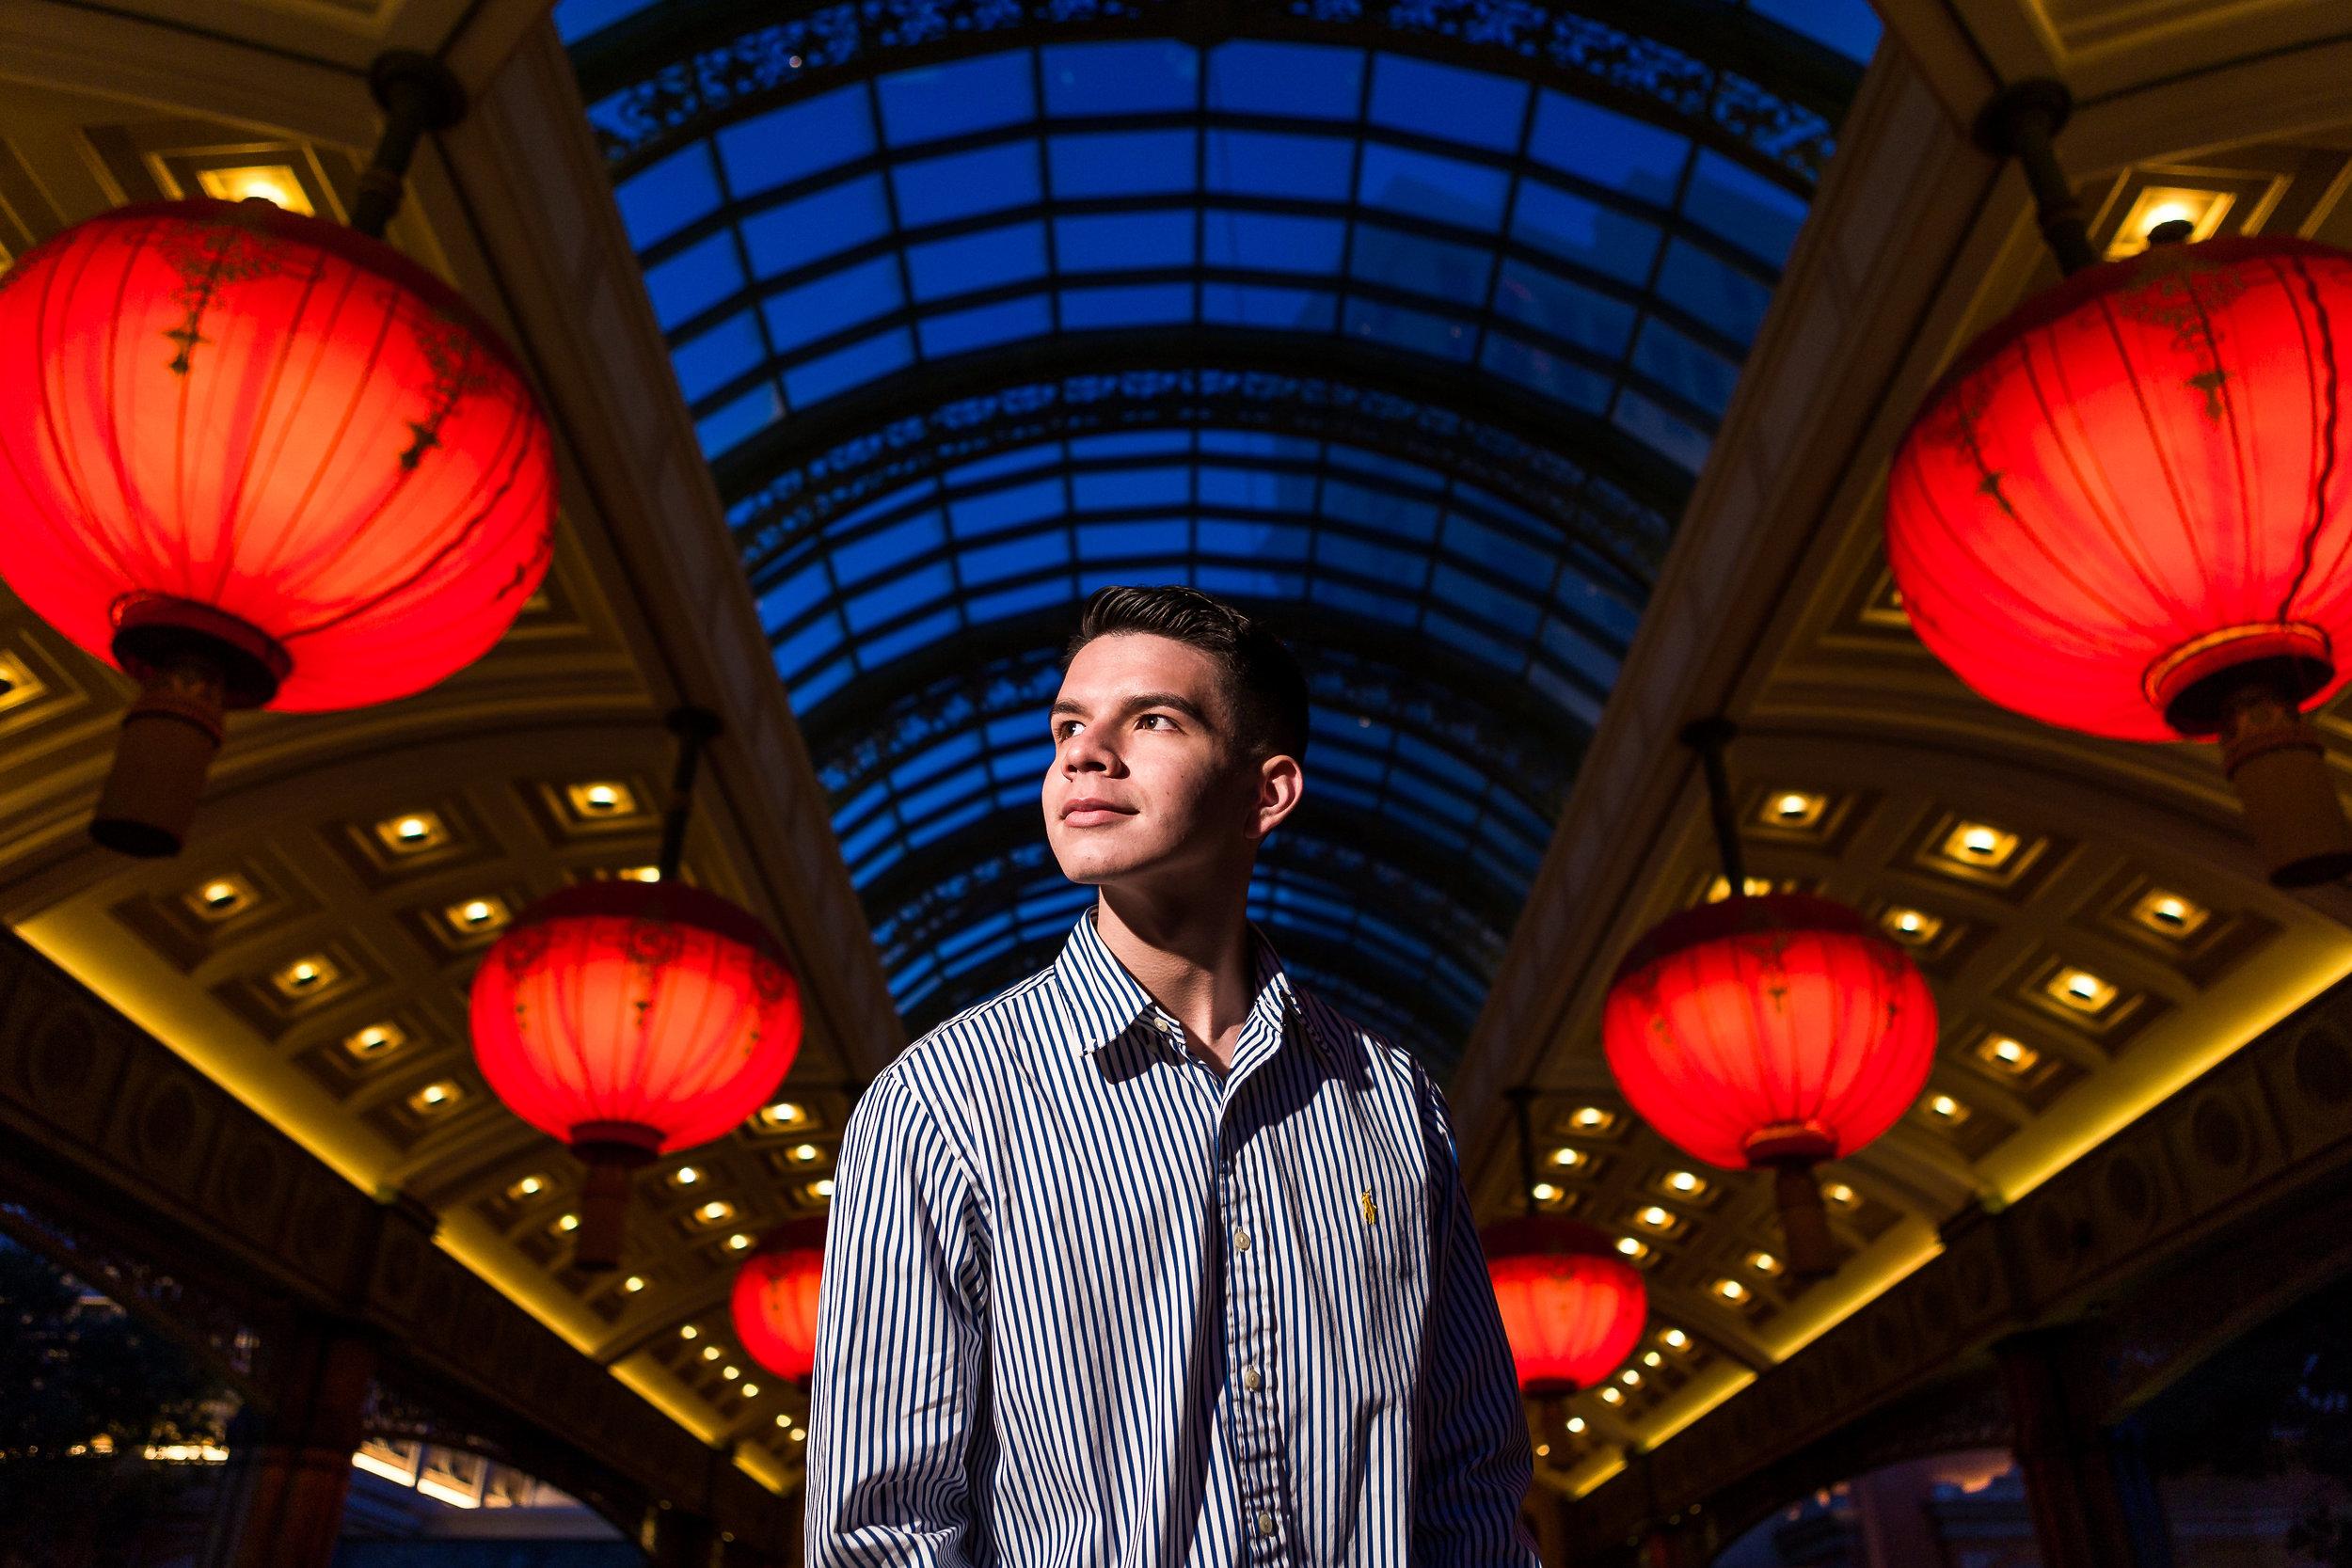 Las_Vegas_HS_Senior_Photos_Bellagio_Paris_Caesars_Portraits-0217.jpg